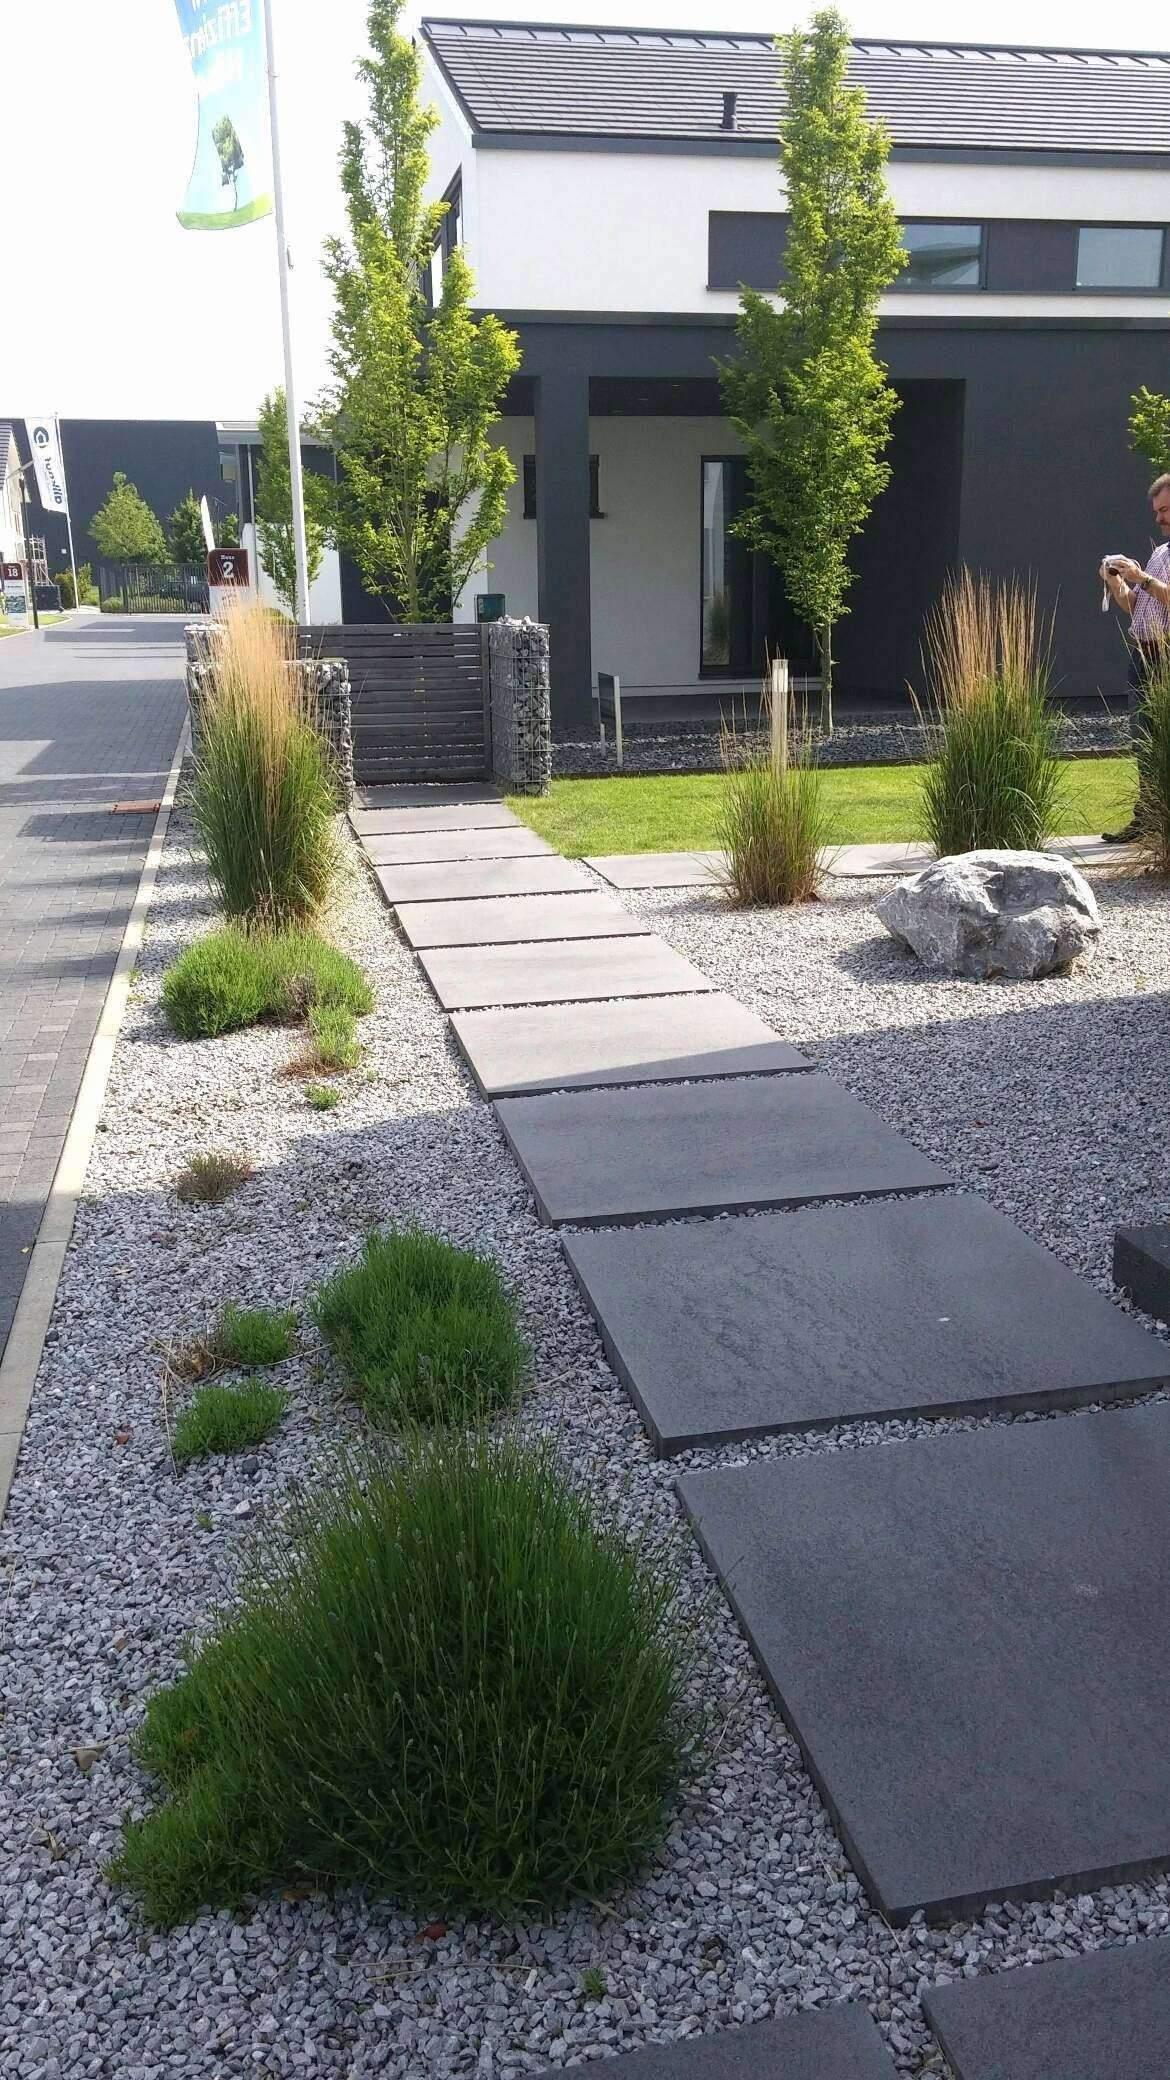 Garten Terrasse Genial Garten Ideas Garten Anlegen Lovely Aussenleuchten Garten 0d